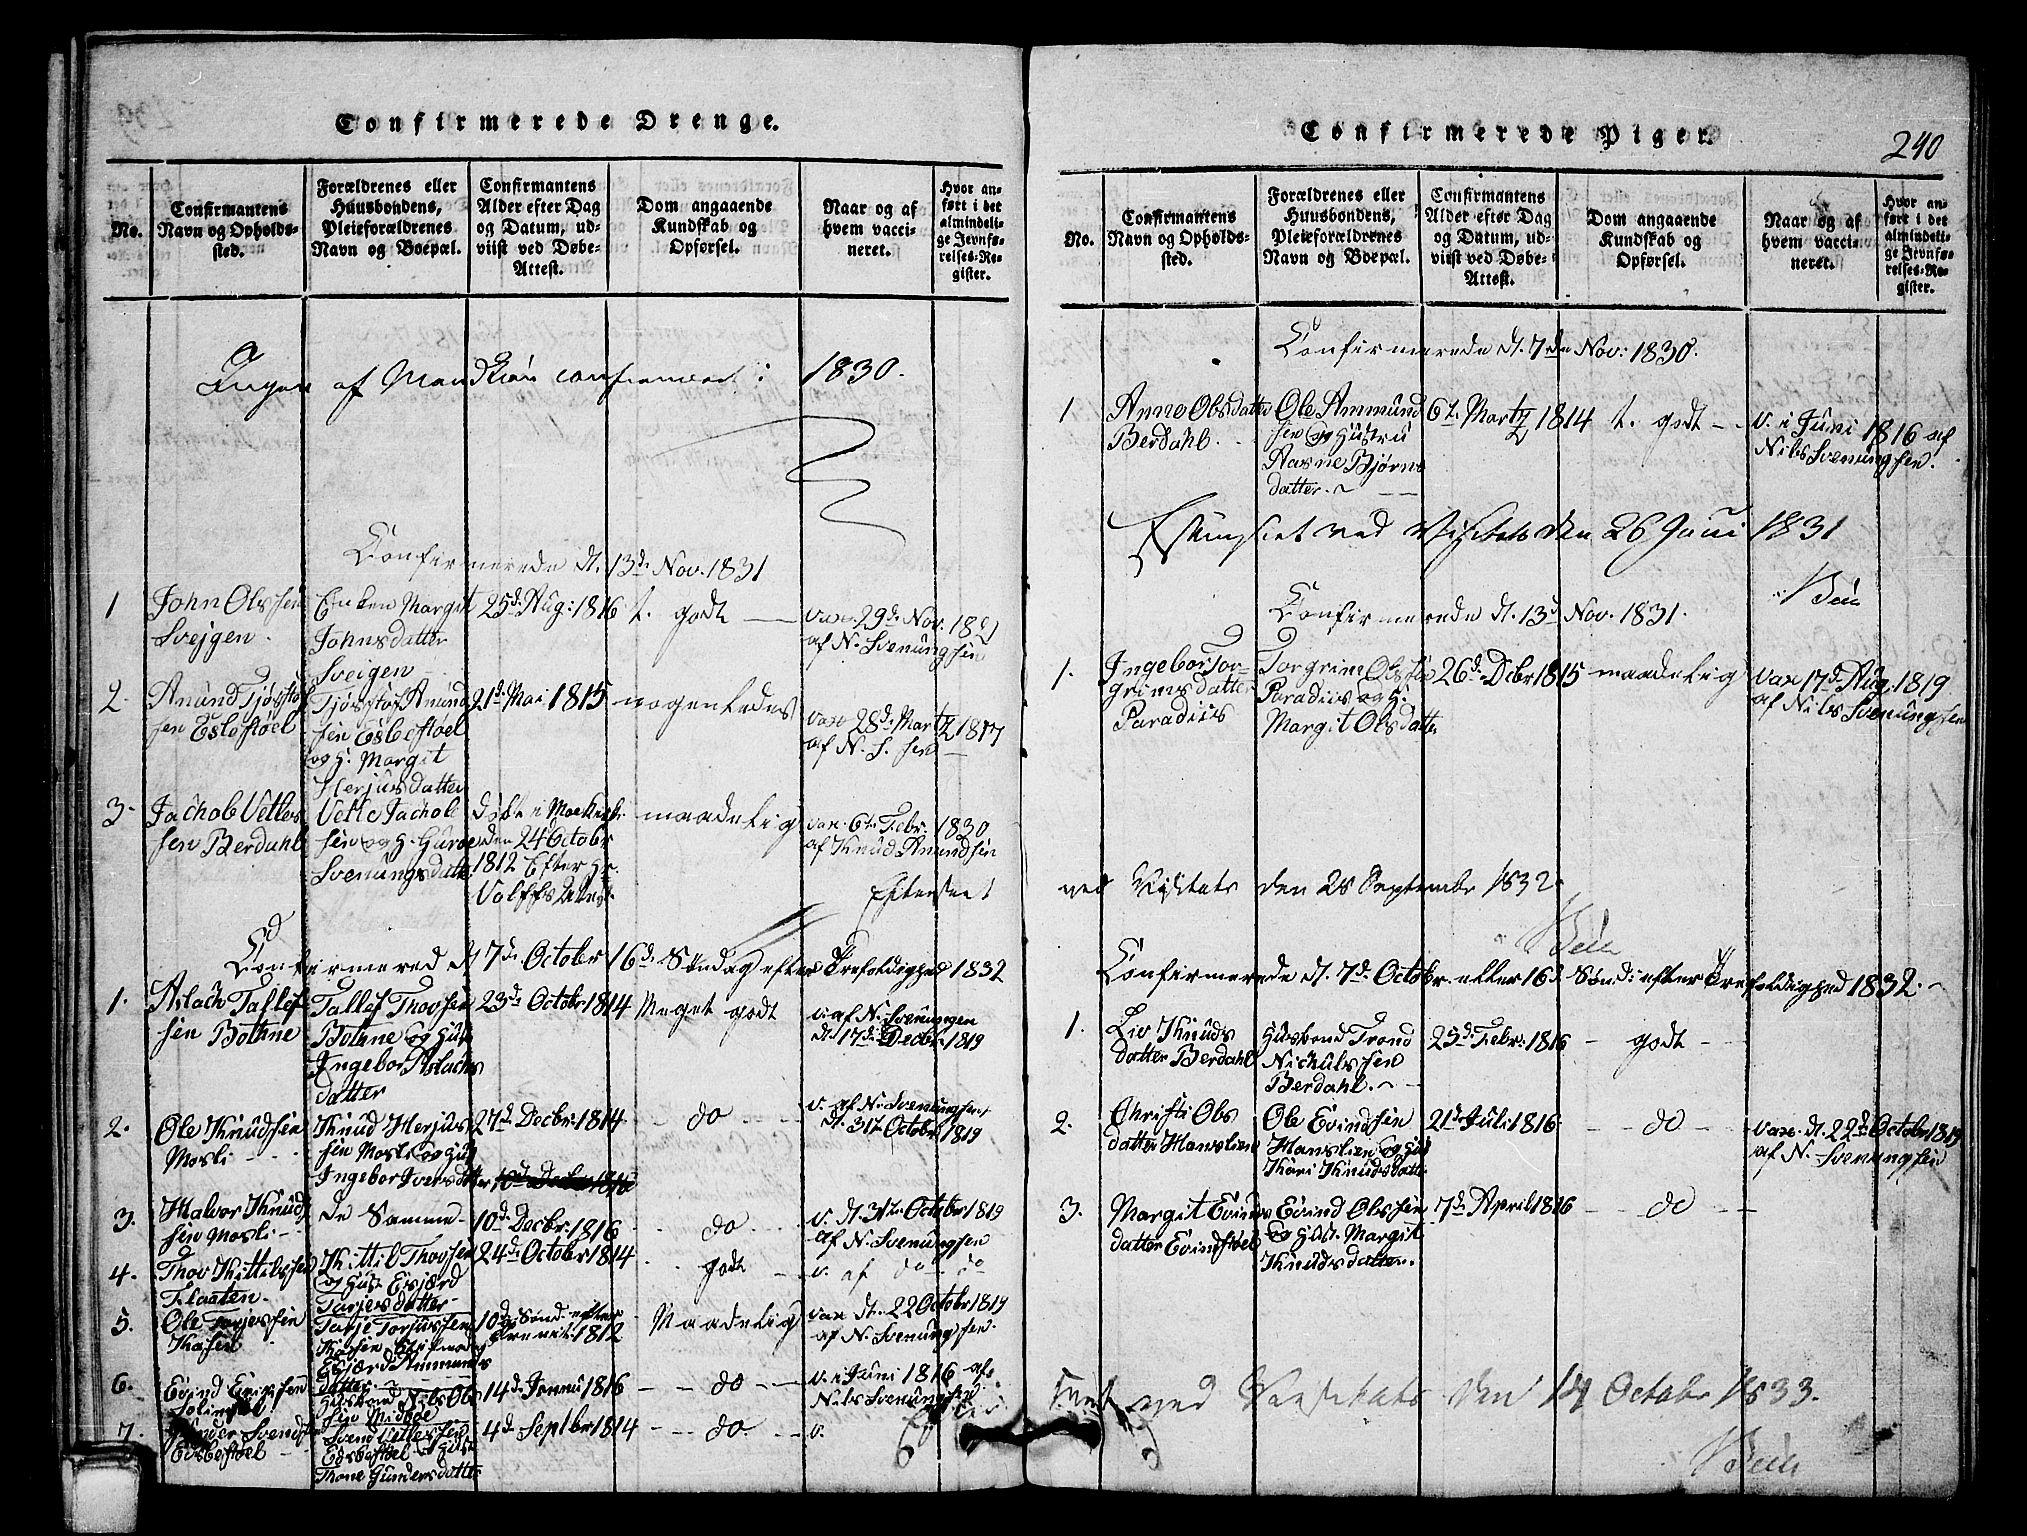 SAKO, Vinje kirkebøker, G/Gb/L0001: Klokkerbok nr. II 1, 1814-1843, s. 240